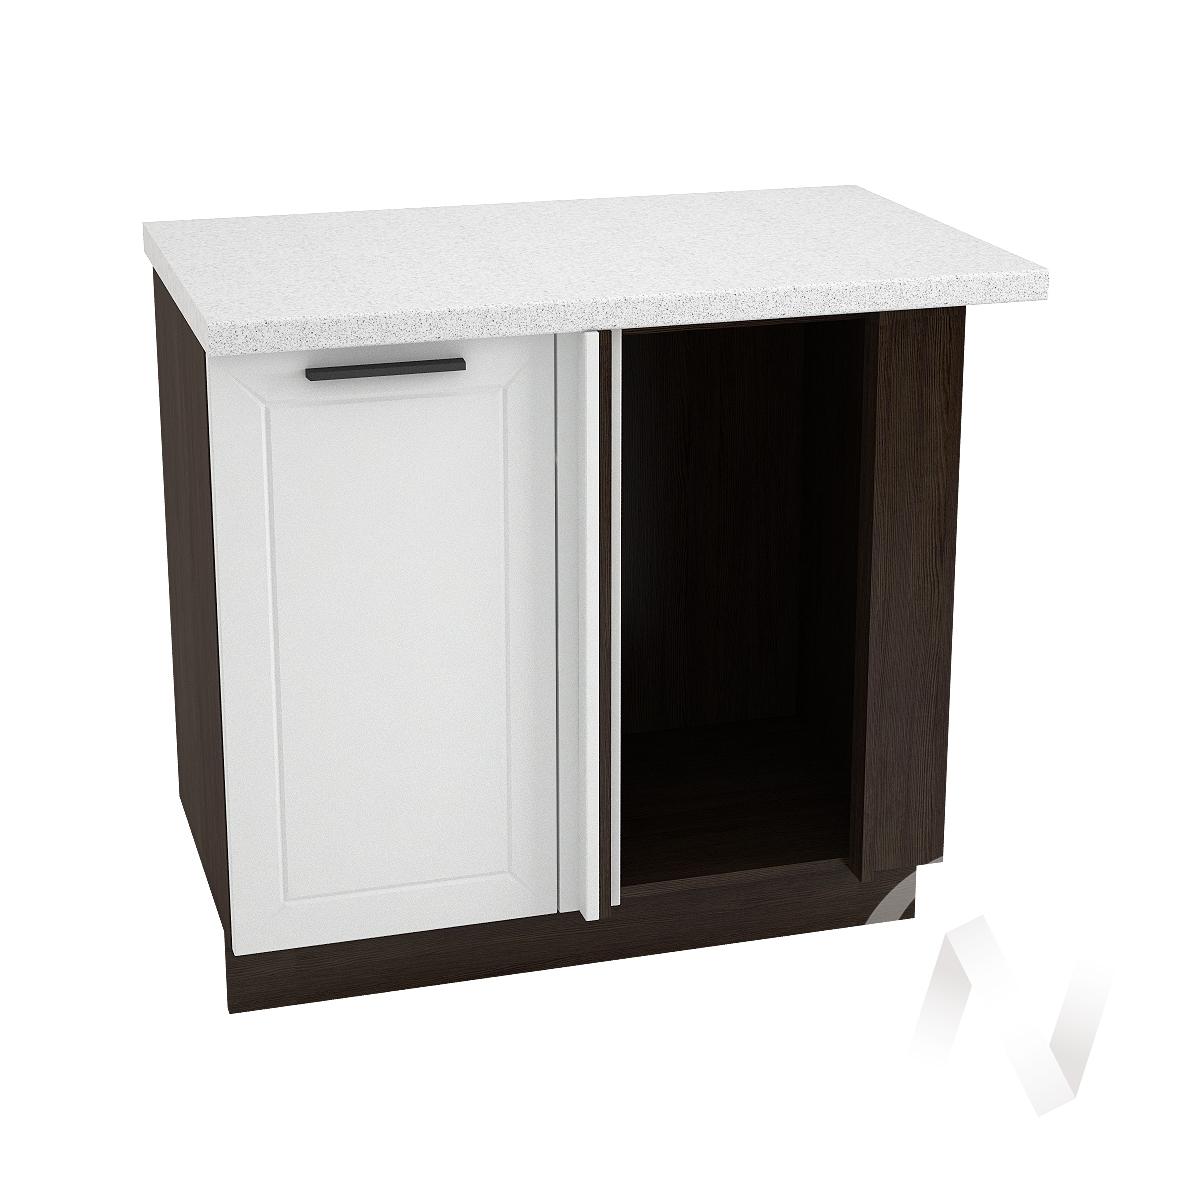 """Кухня """"Глетчер"""": Шкаф нижний угловой 990М, ШНУ 990М (Айленд Силк/корпус венге)"""